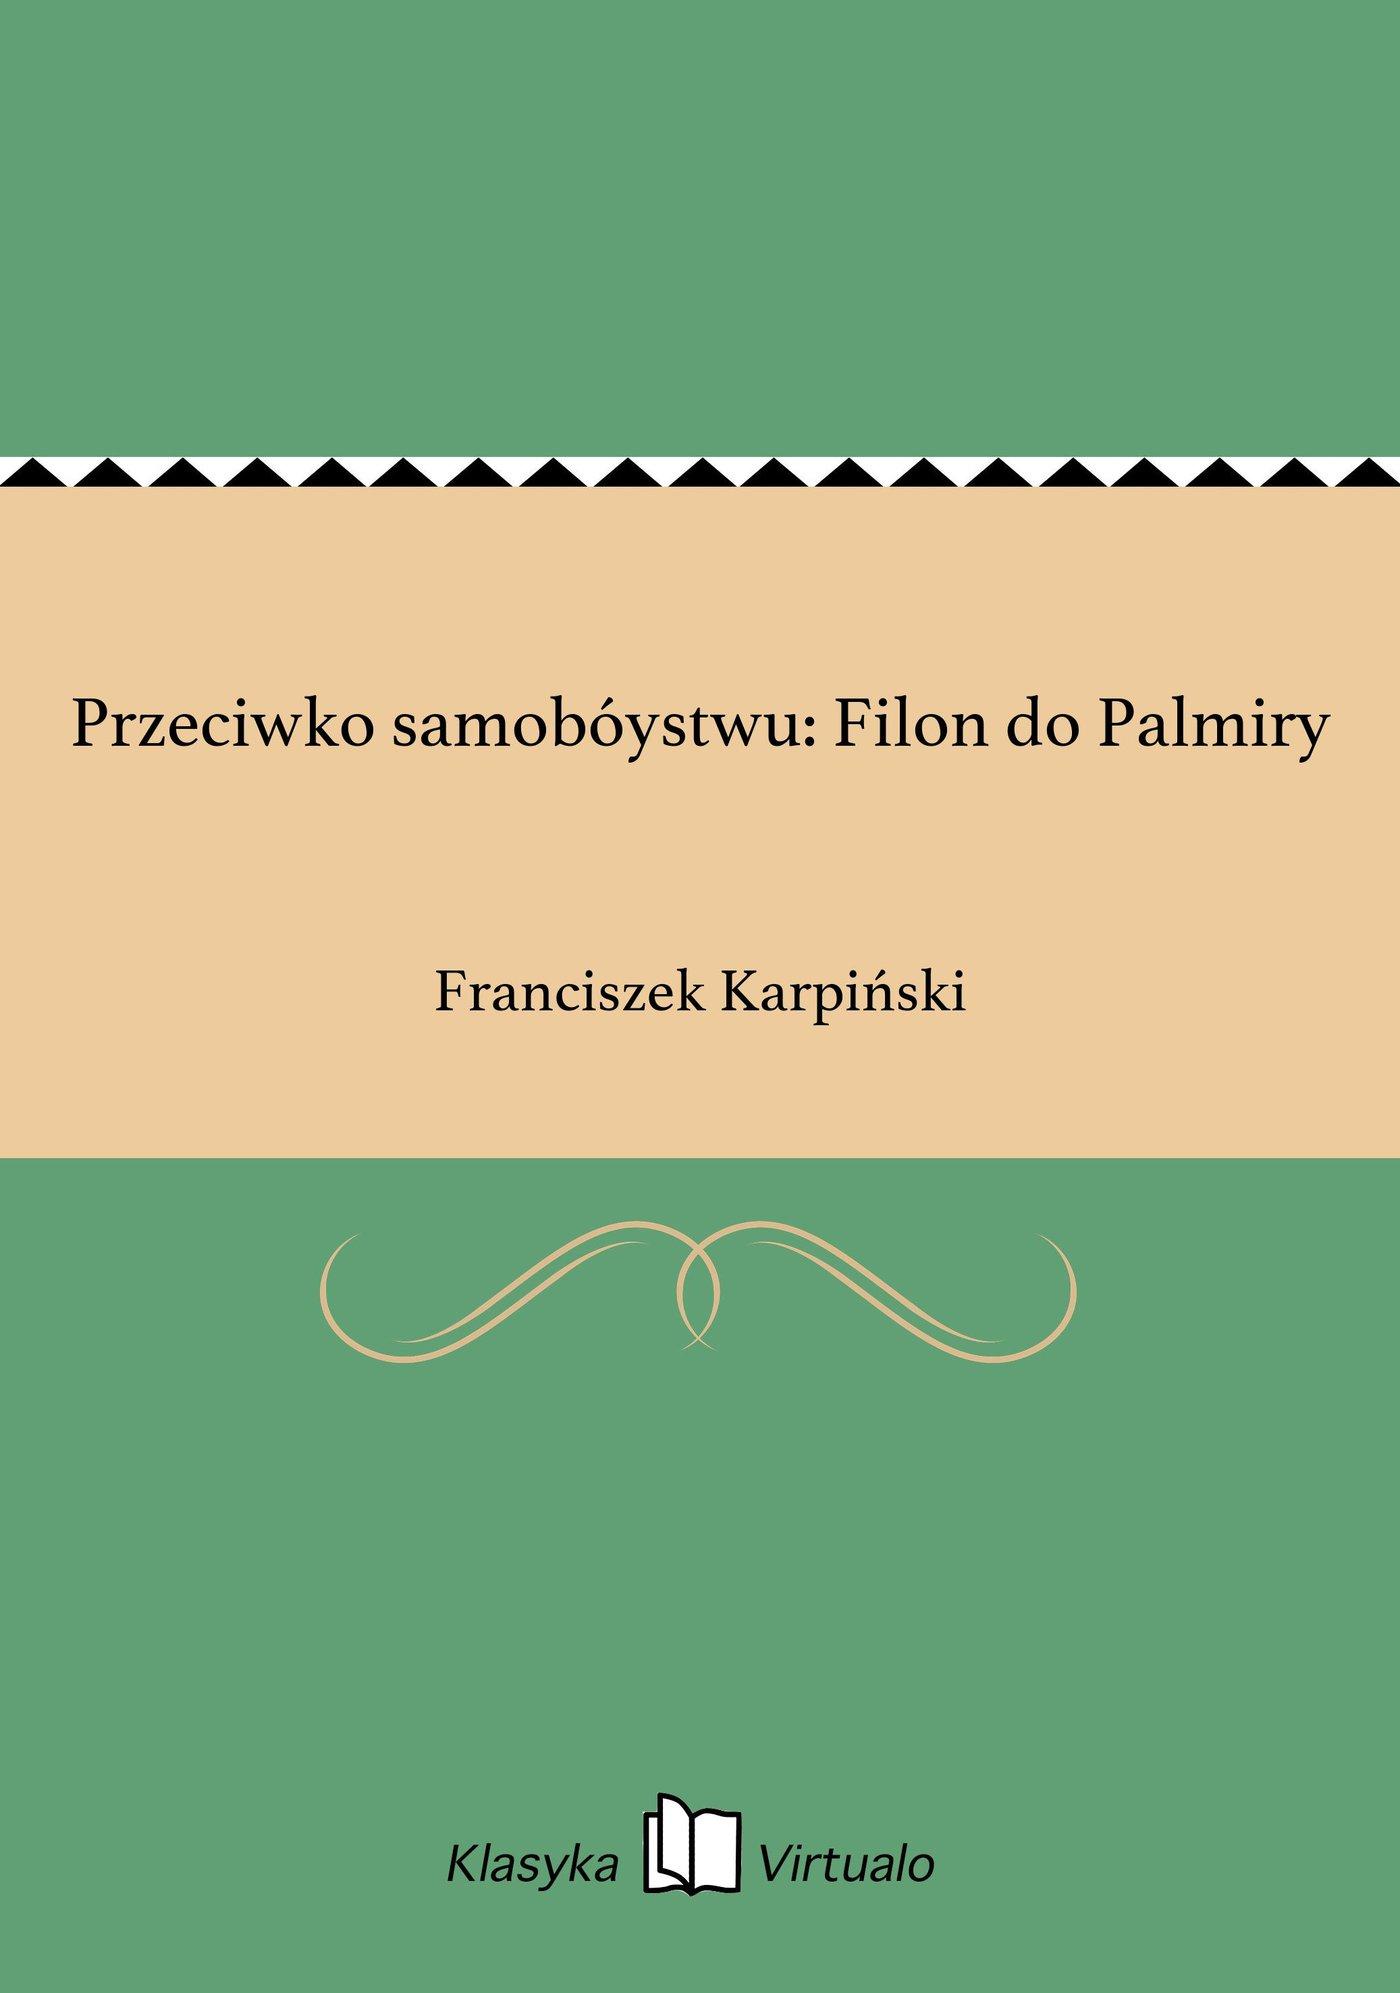 Przeciwko samobóystwu: Filon do Palmiry - Ebook (Książka EPUB) do pobrania w formacie EPUB